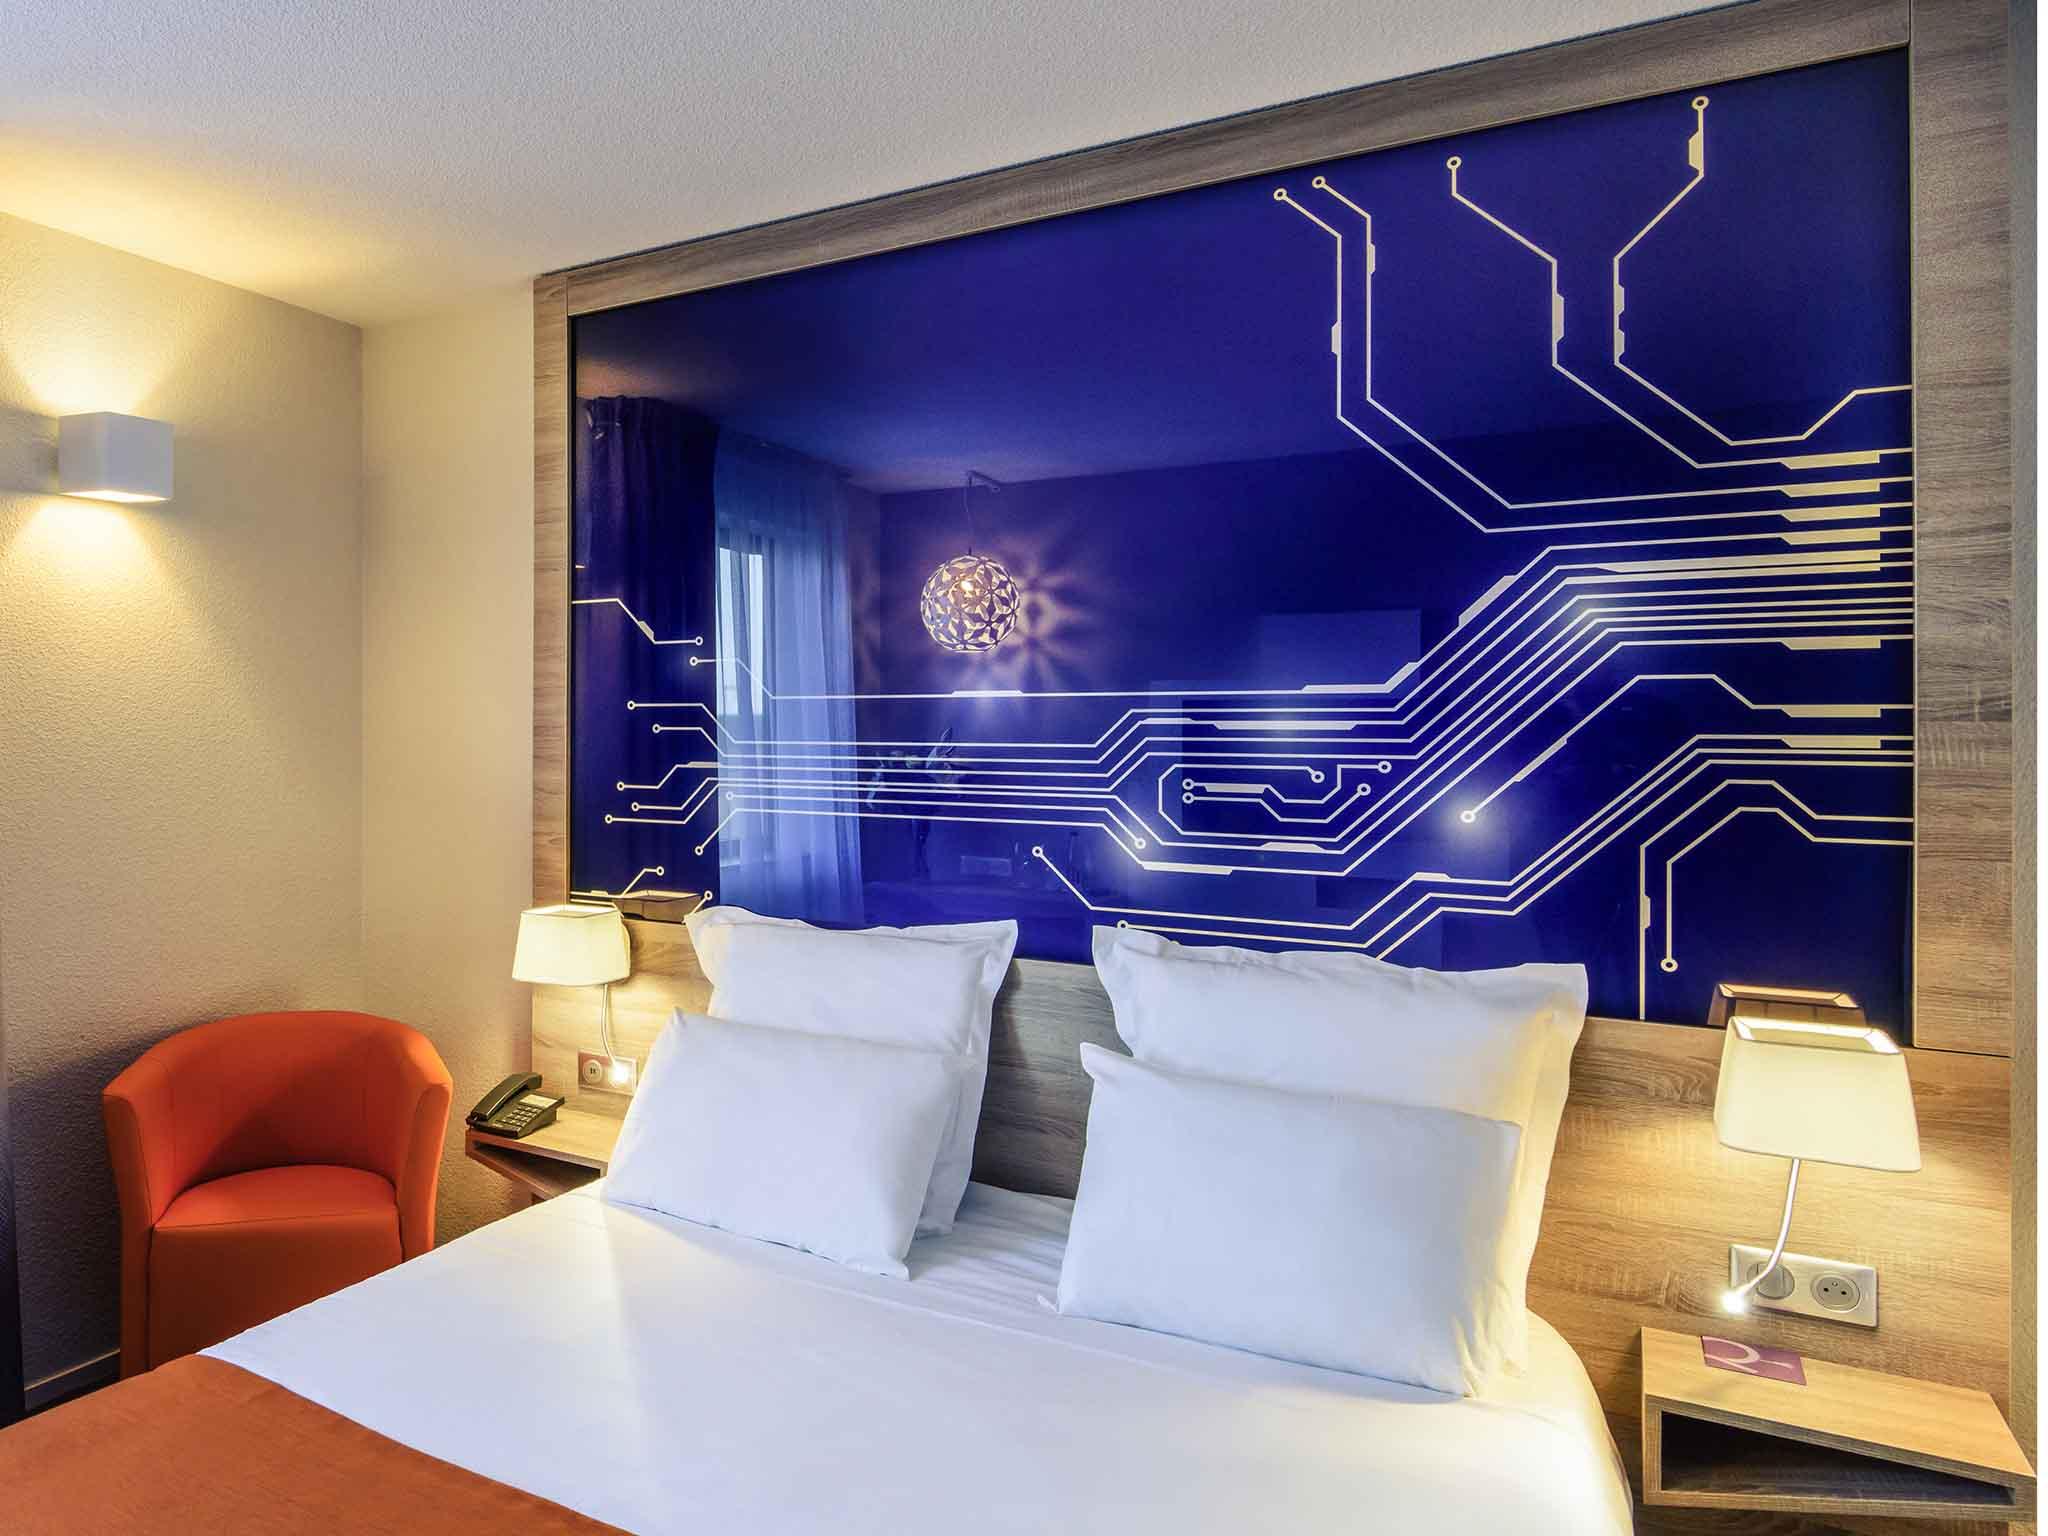 酒店 – 浮图罗斯科普阿克蒂斯美居酒店